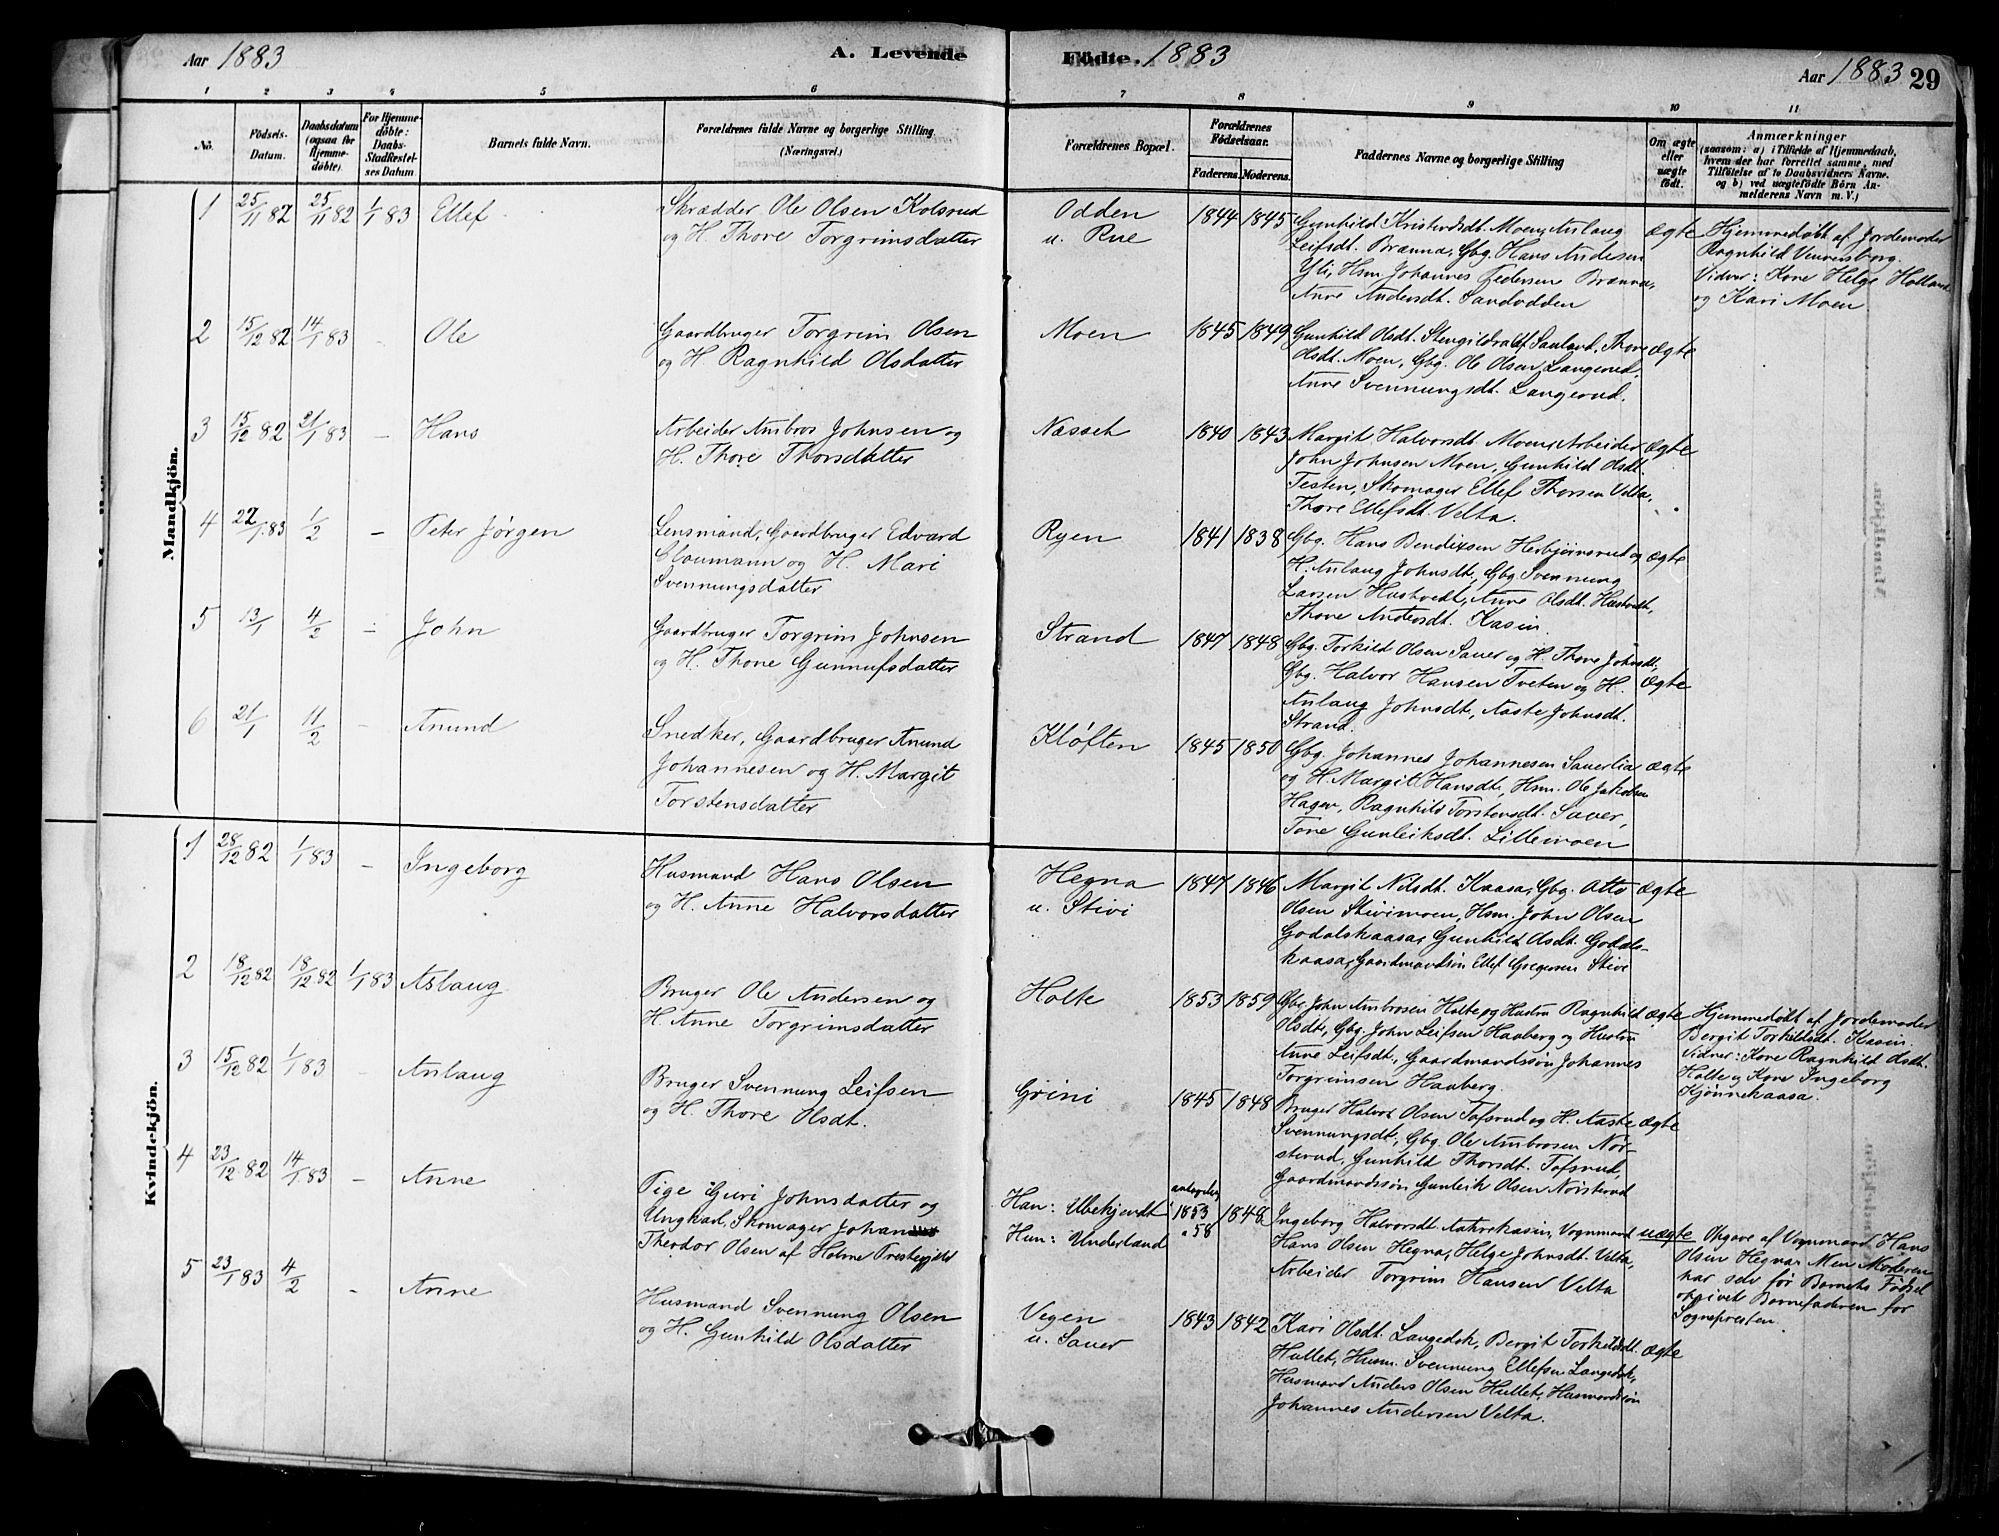 SAKO, Heddal kirkebøker, F/Fa/L0008: Ministerialbok nr. I 8, 1878-1903, s. 29